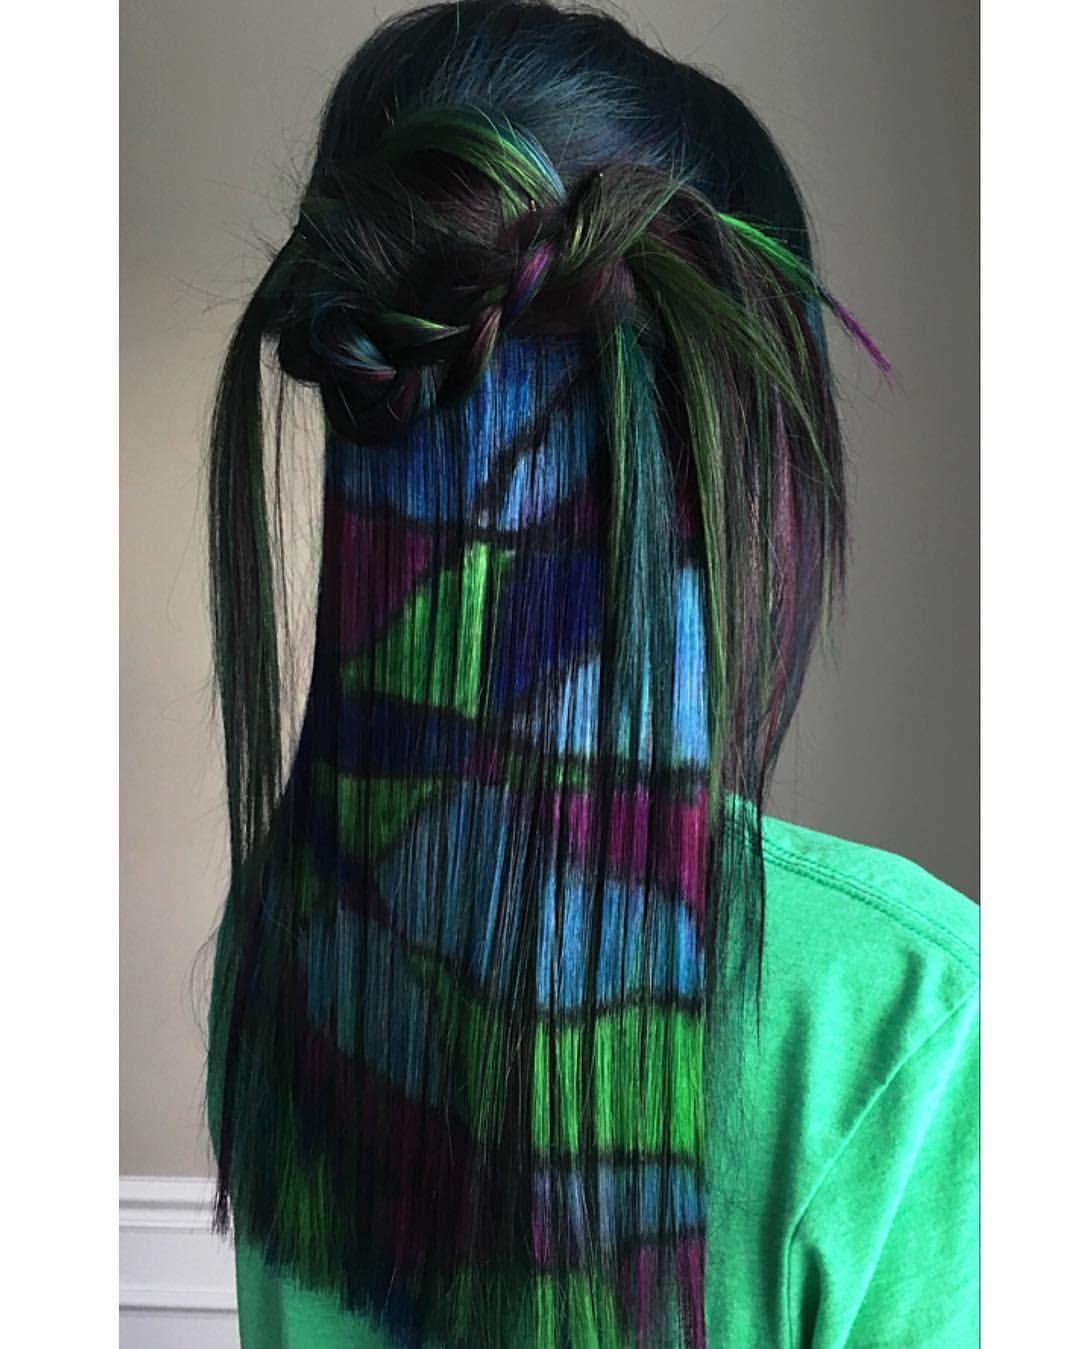 shattered glass hair technique by pravana artistic educator, dj